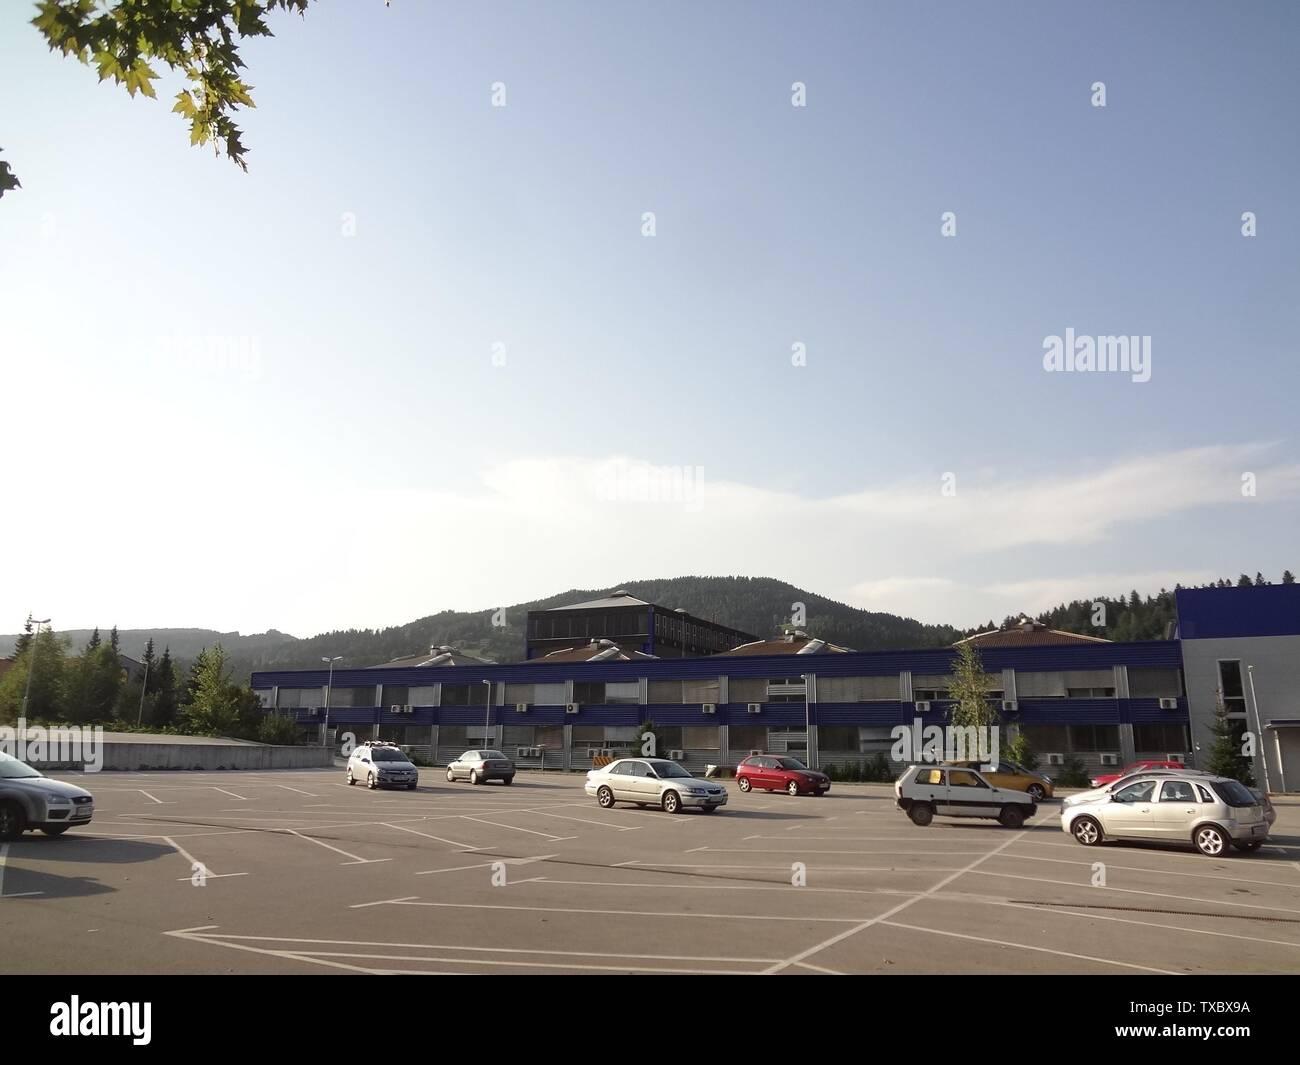 'Slovenščina: Poslovna cona v Dobji vasi; 9 novembre 2012 (originale data di caricamento); proprio lavoro; KraljMatjaz a Wikipedia sloveno; ' Immagini Stock